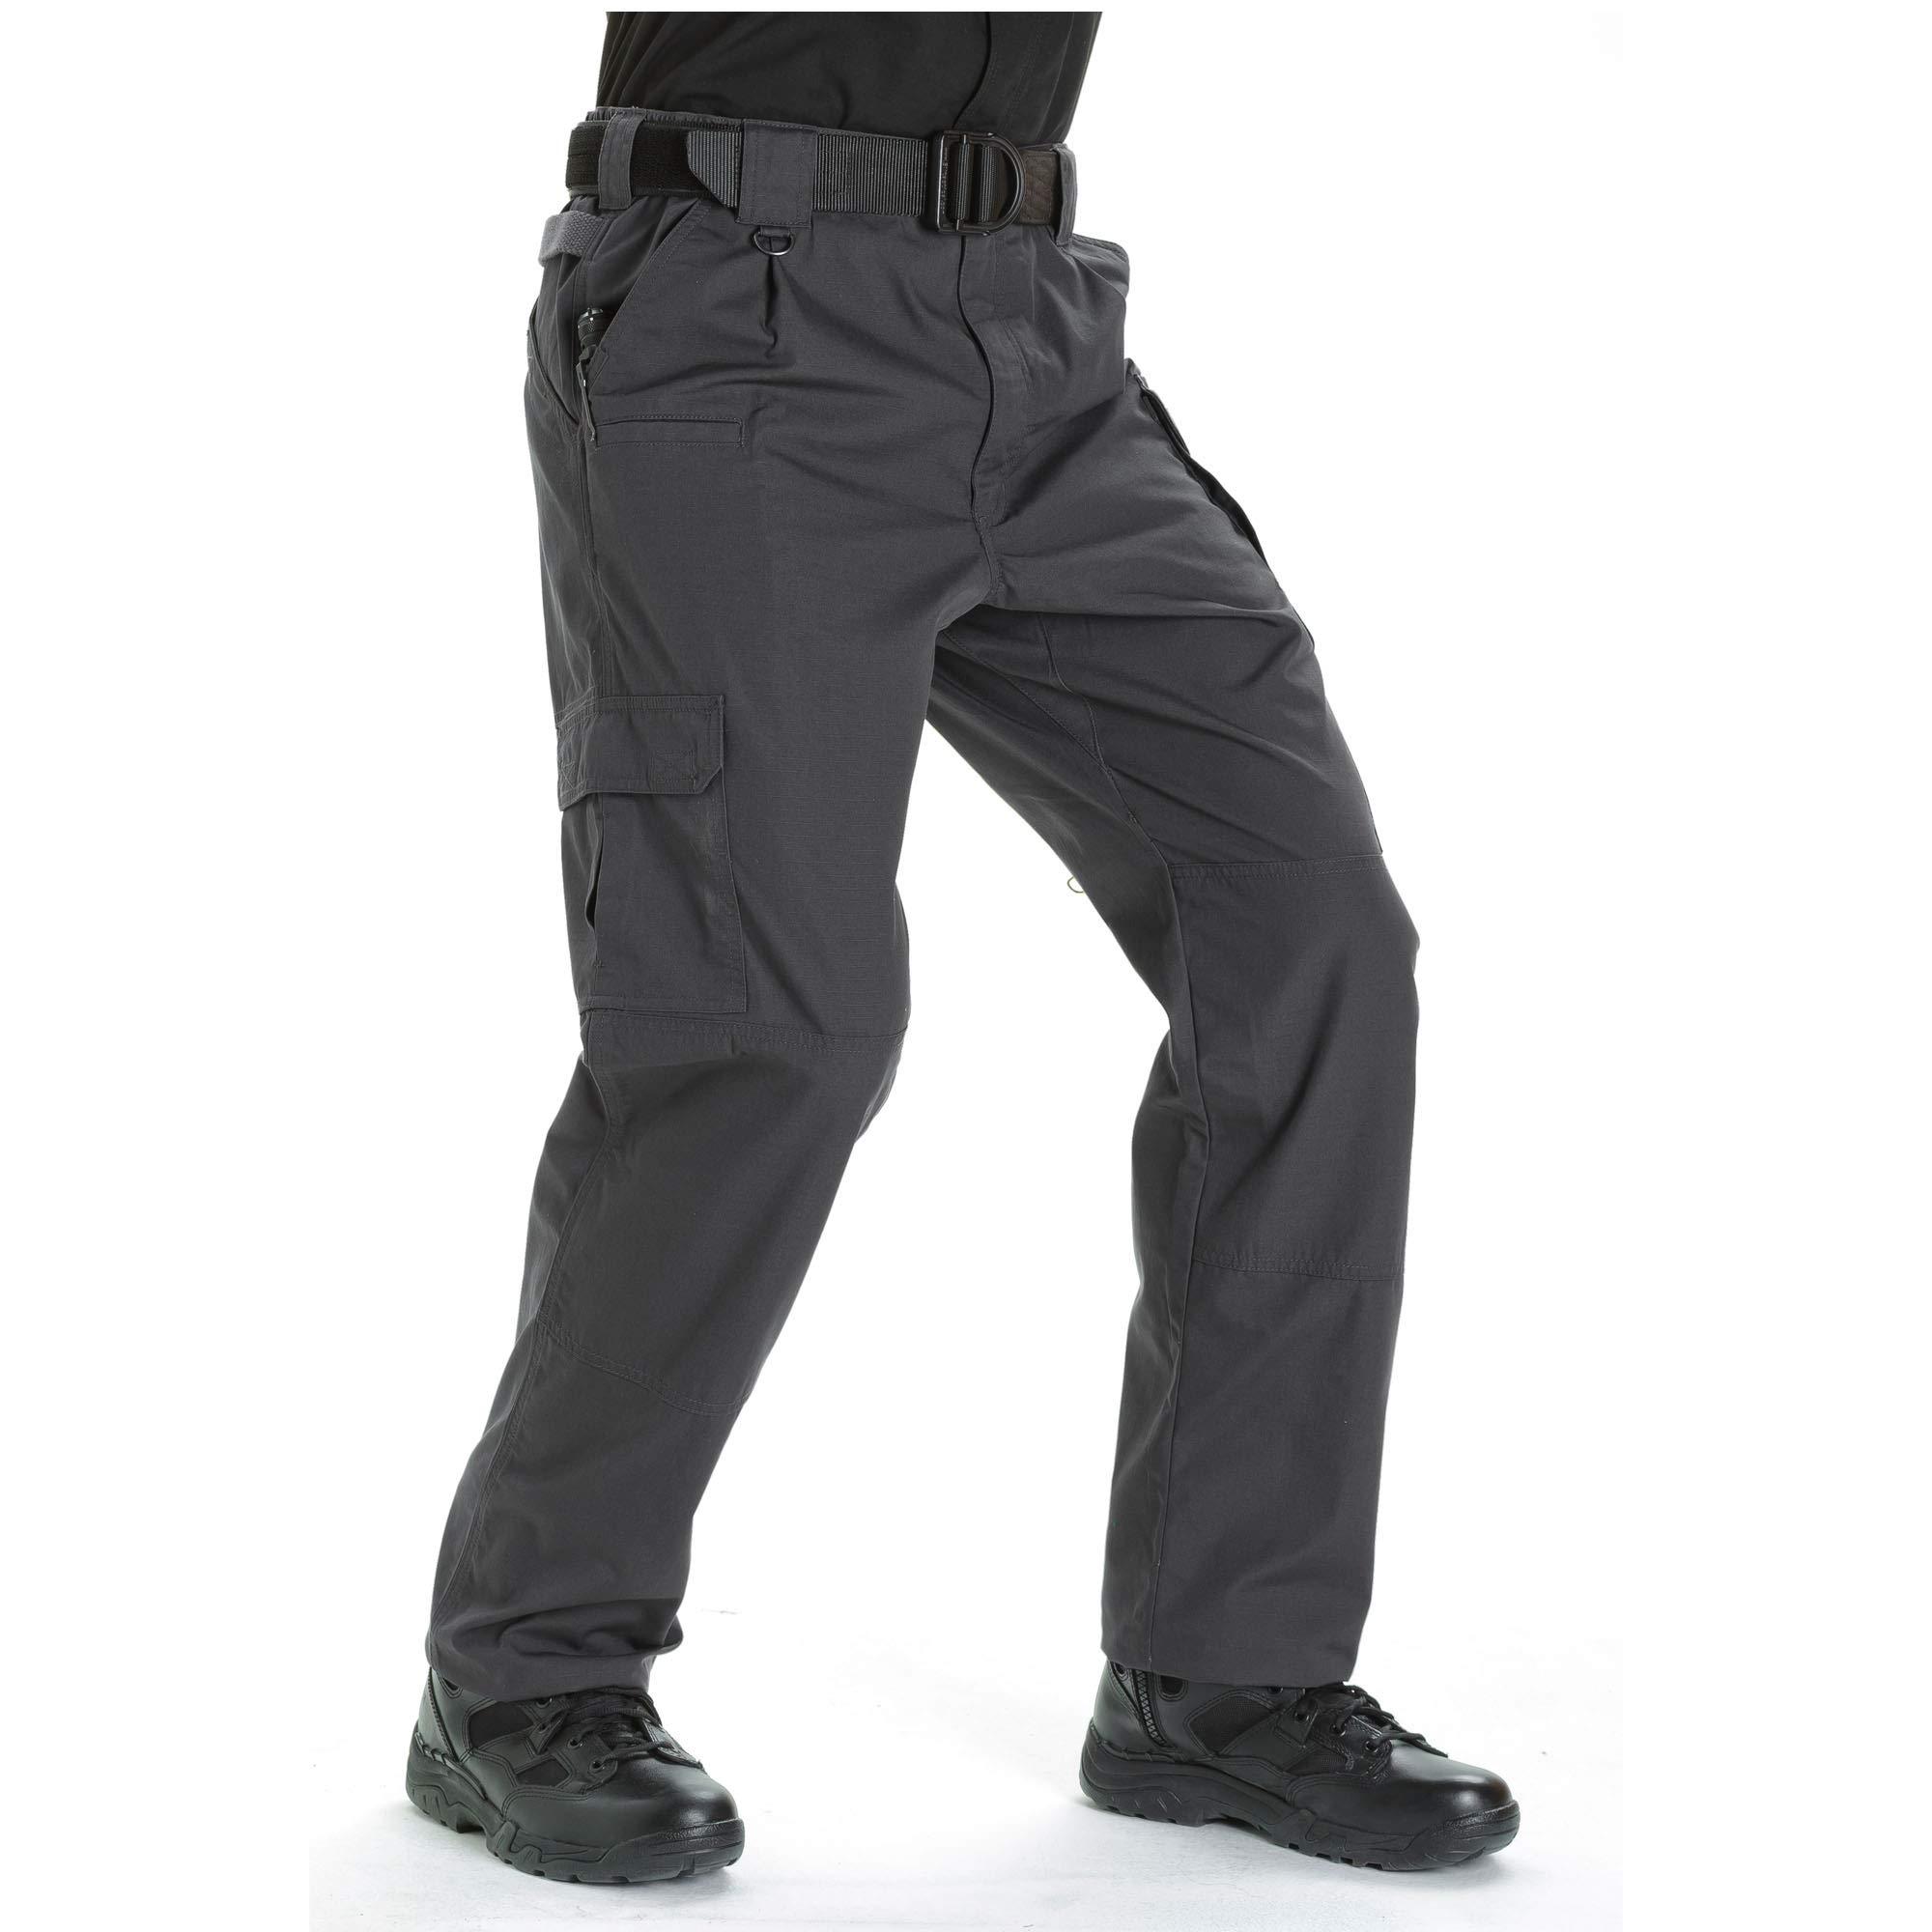 5.11 Tactical #74273L Men's Unhemmed Taclite Pro EDC Pant (Charcoal, 46)